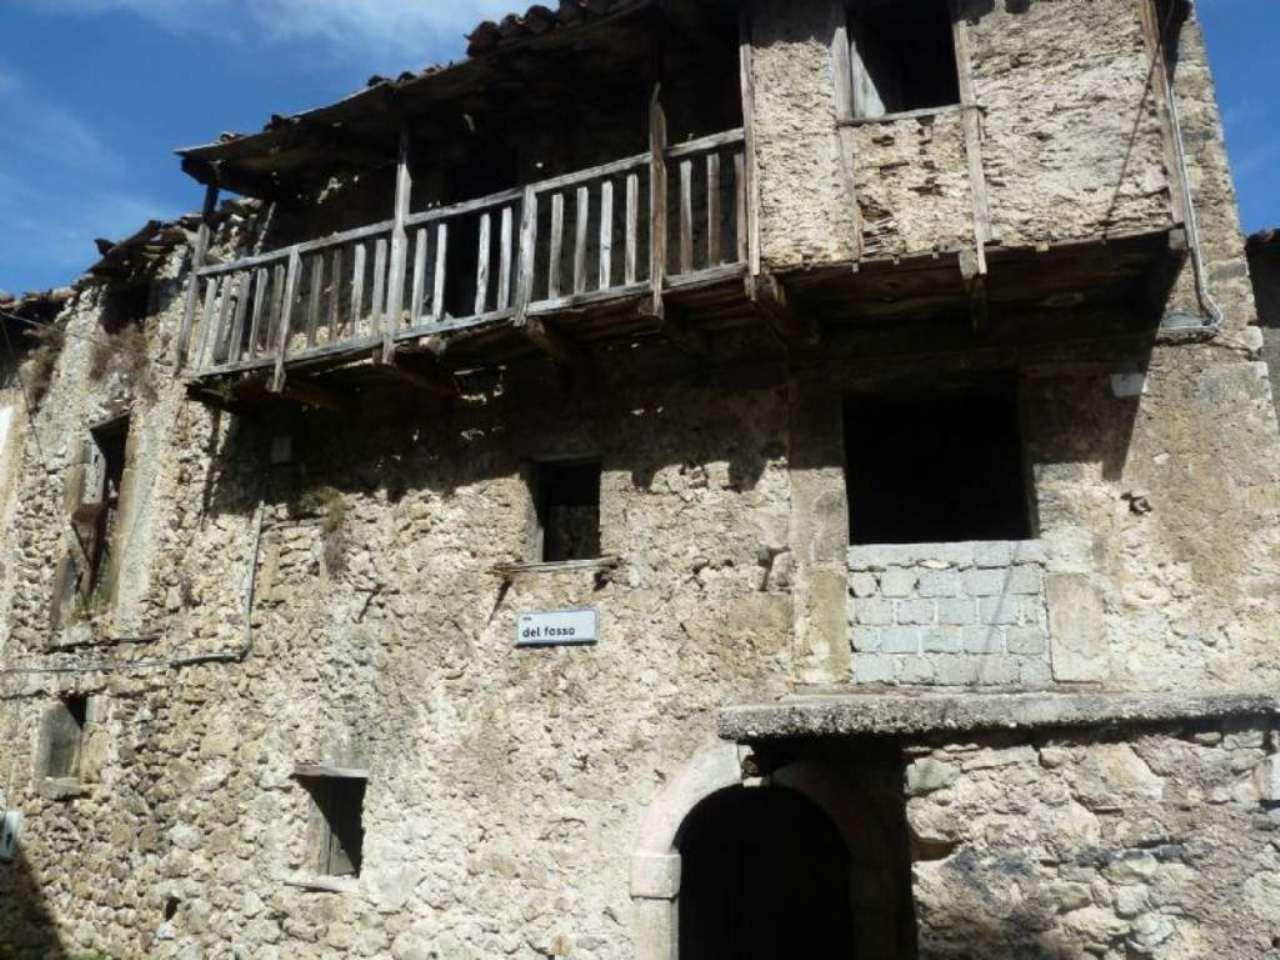 Palazzo / Stabile in vendita a Borgorose, 6 locali, prezzo € 8.000 | CambioCasa.it